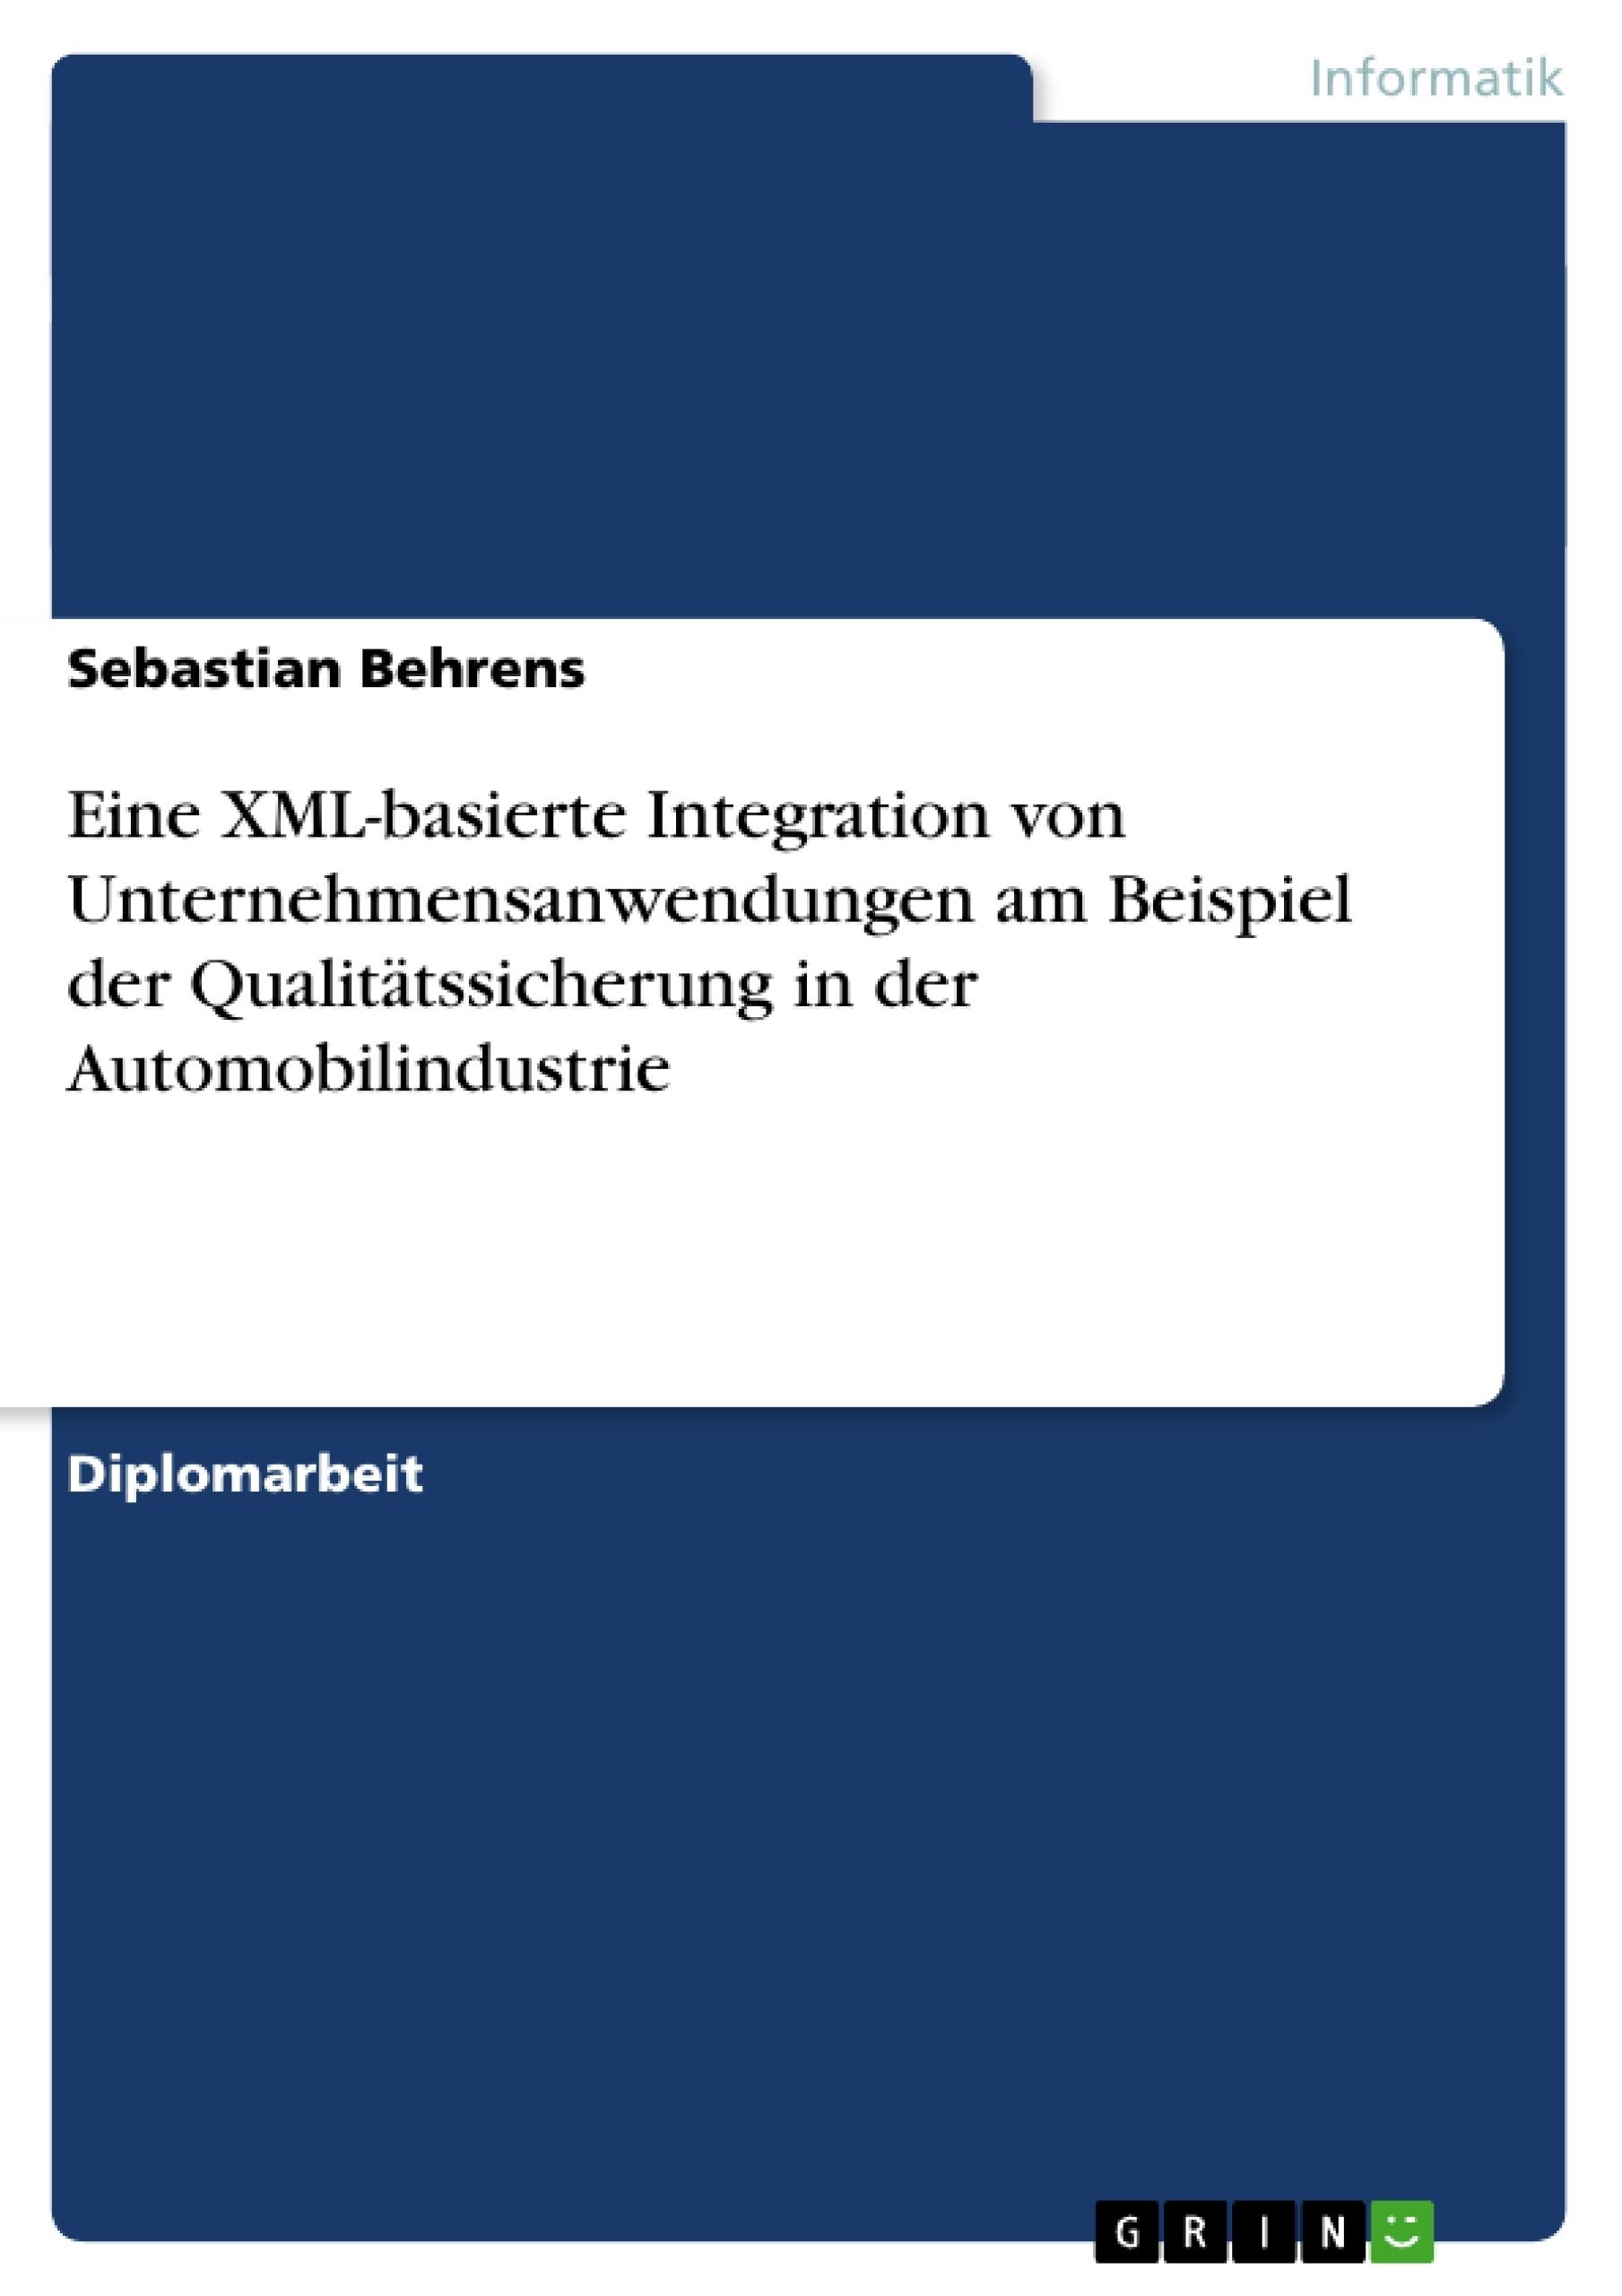 Titel: Eine XML-basierte Integration von Unternehmensanwendungen am Beispiel der Qualitätssicherung in der Automobilindustrie